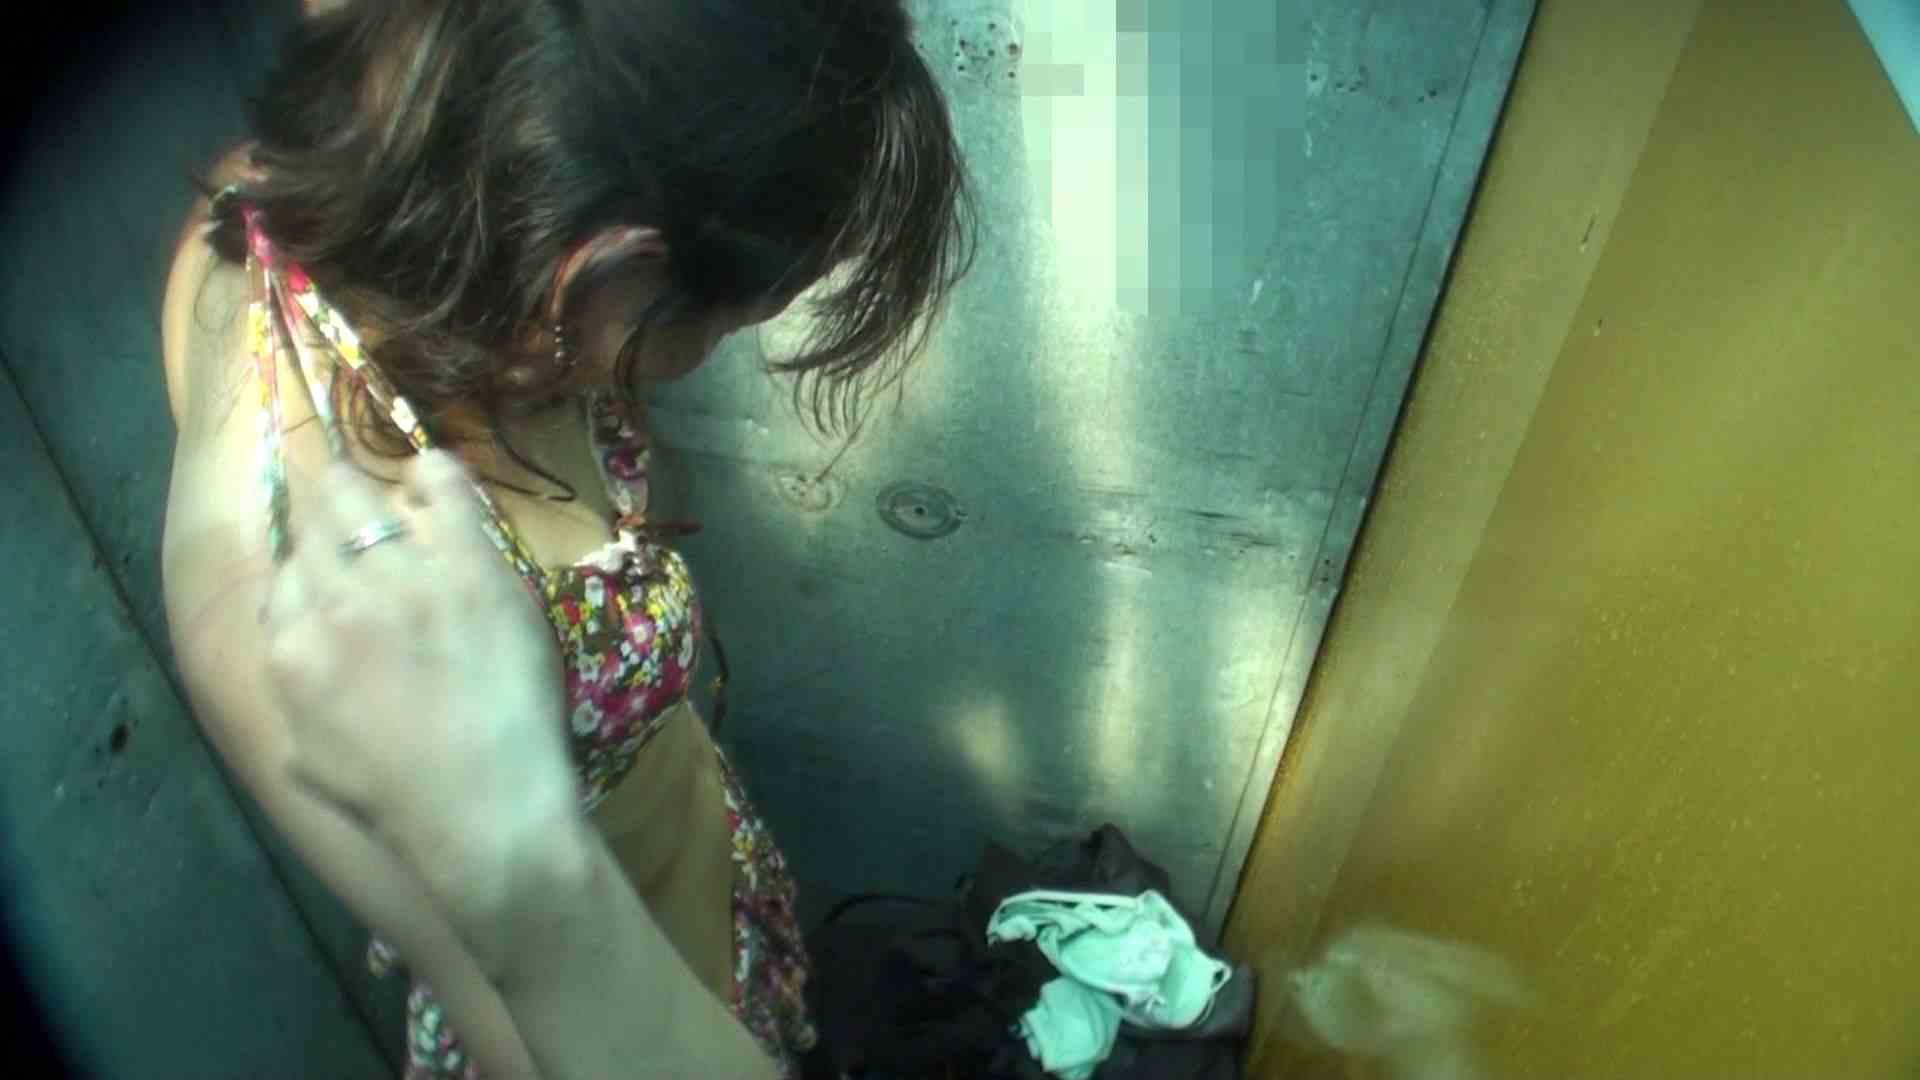 シャワールームは超!!危険な香りVol.16 意外に乳首は年増のそれ 乳首ポロリ  108画像 44